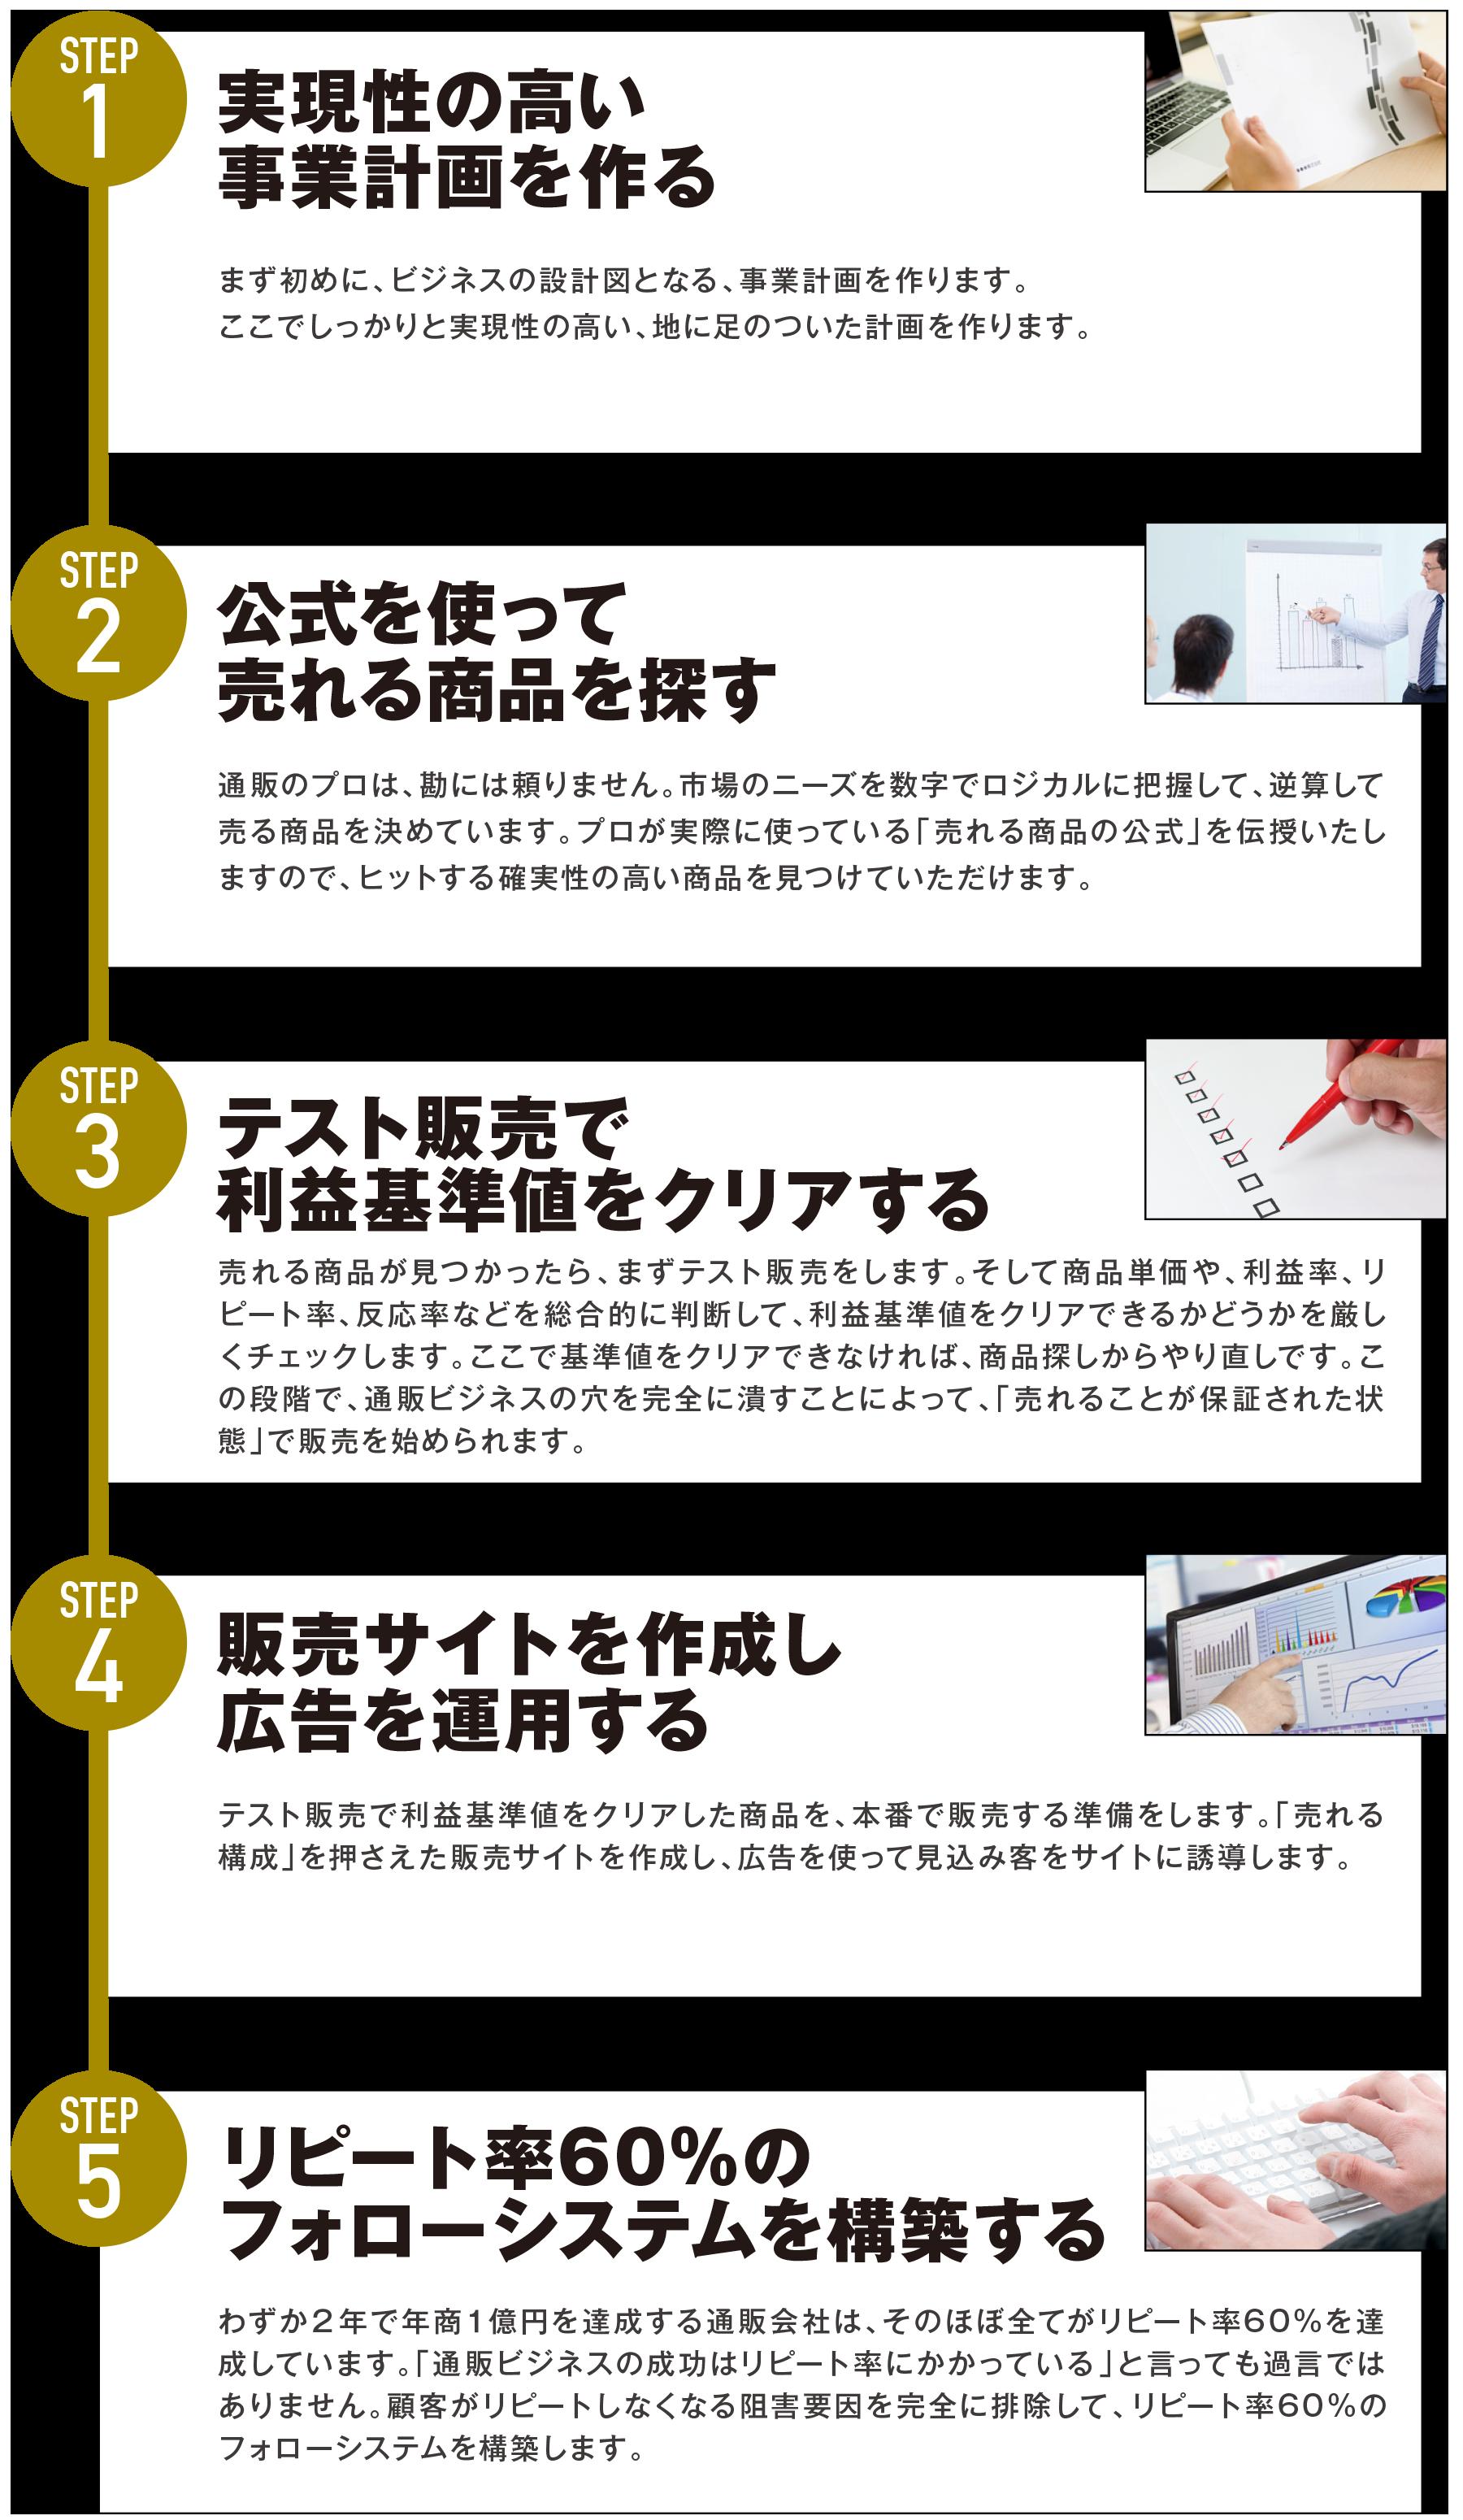 億超え通販の5つのステップ